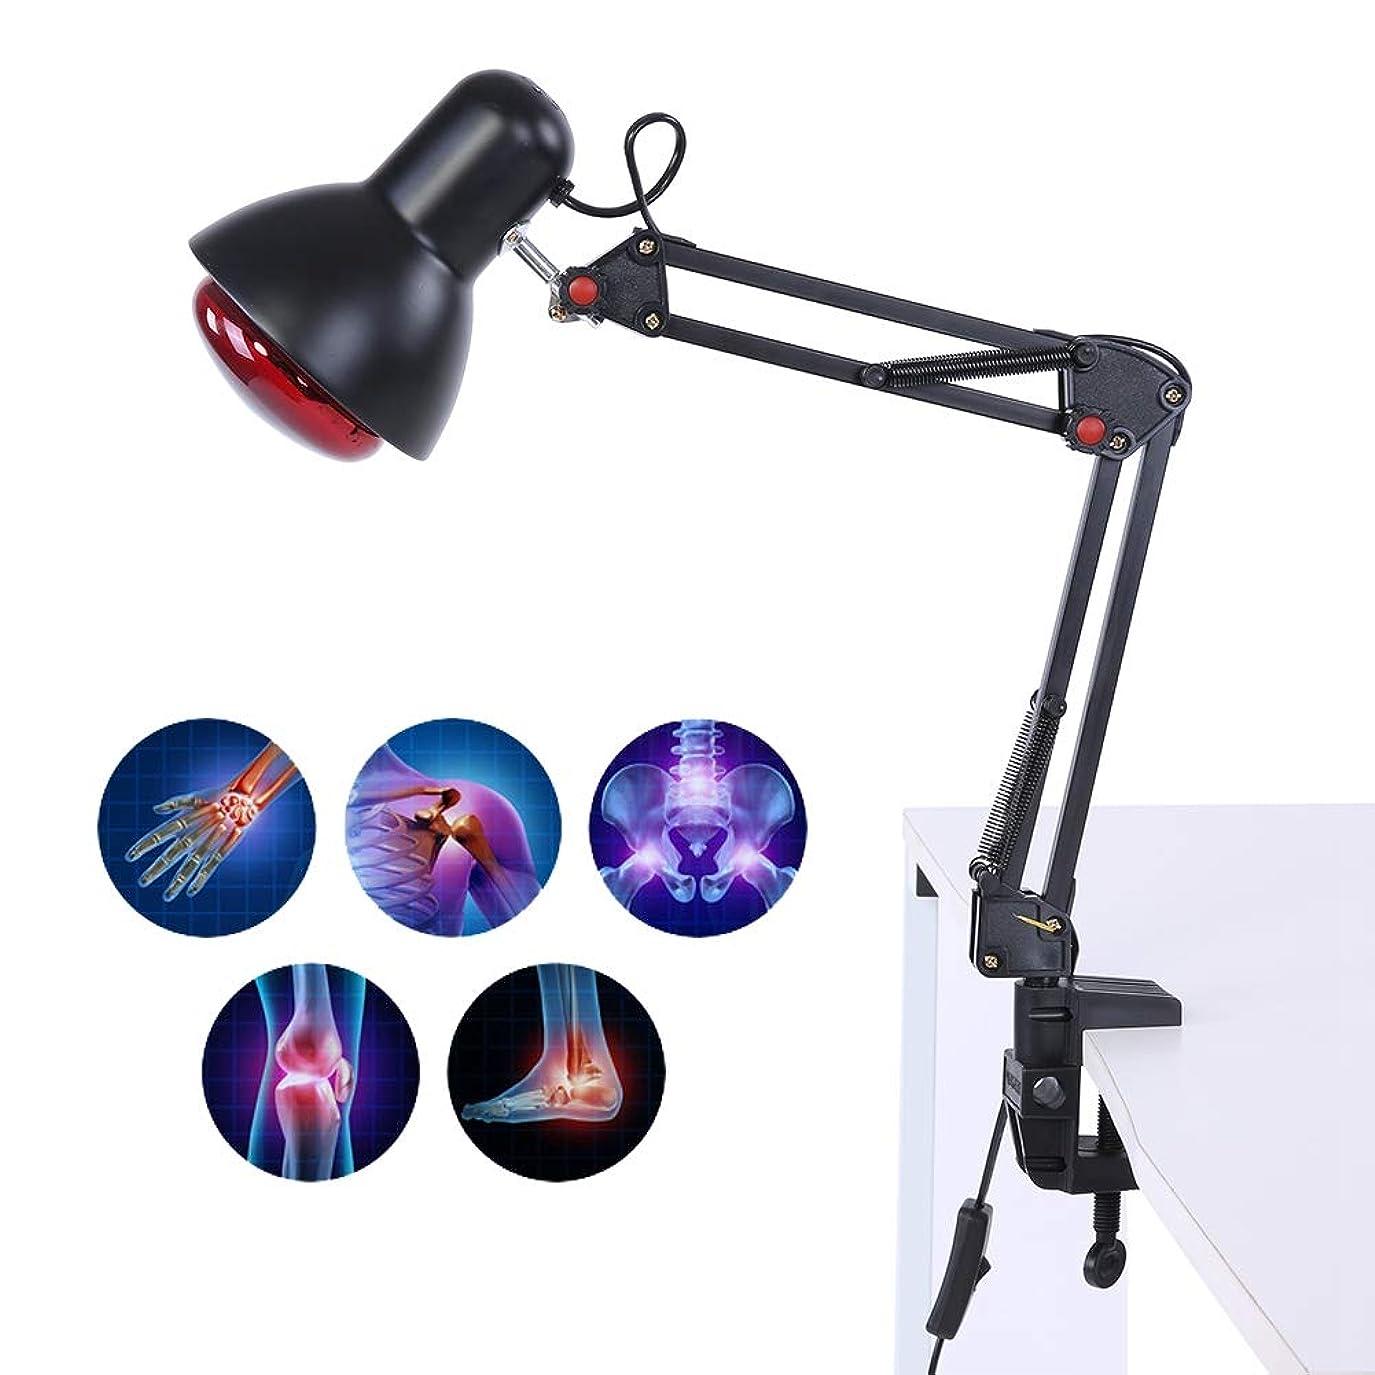 よろめく経験的通行料金赤外線ヒートマッサージランプ、関節の背中の筋肉痛の軽減のためのローリングホイール/クランプ付き調節可能な温度加熱ライトマッサージ(US-PLUG)